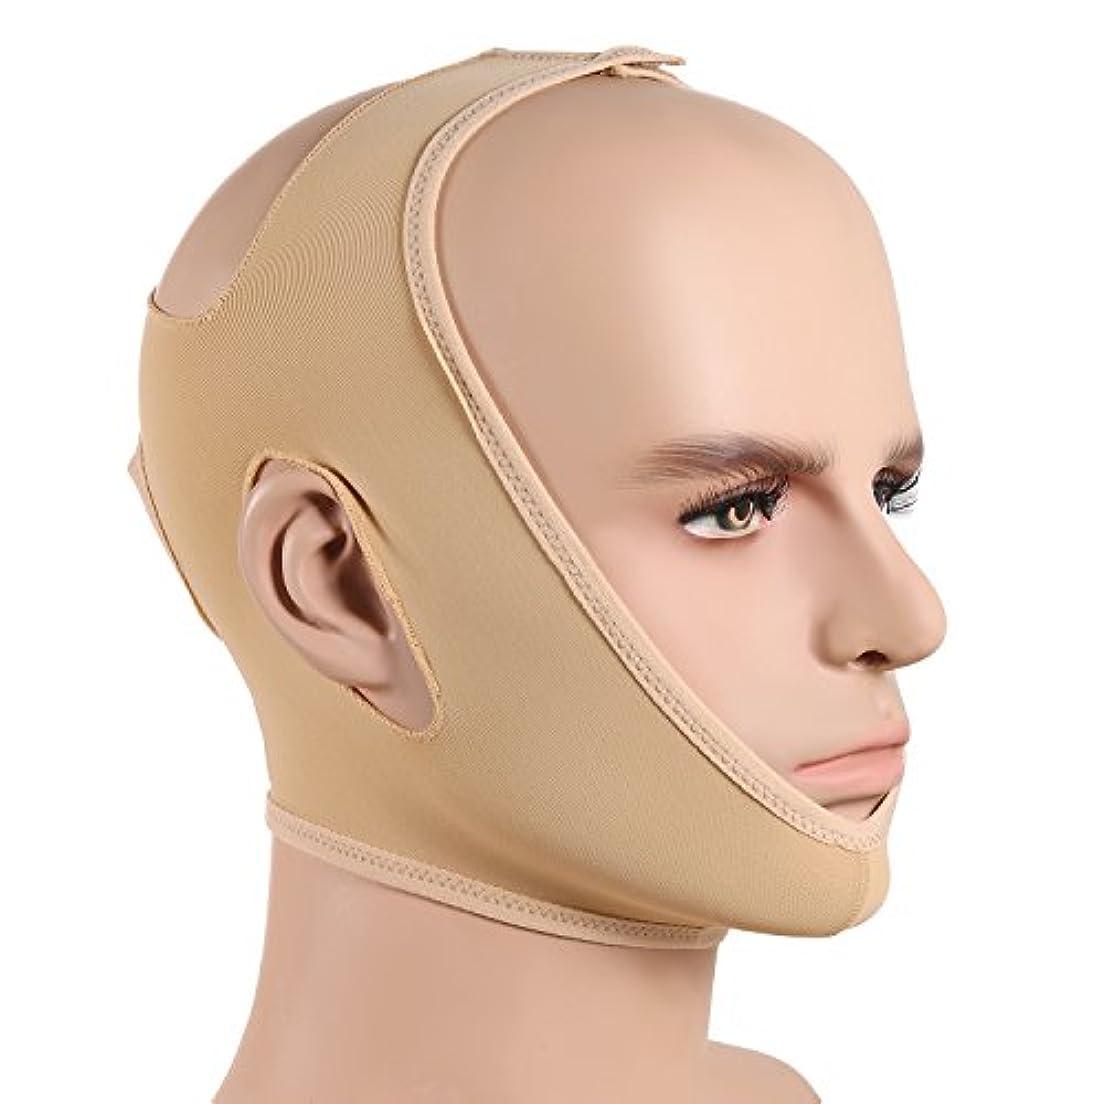 それに応じて日付付きアクションJewelryWe 小顔ベルト 美顔マスク 眠りながら 小顔 矯正 額、顎下、頬リフトアップ 小顔マスク 男女兼用 Mサイズ